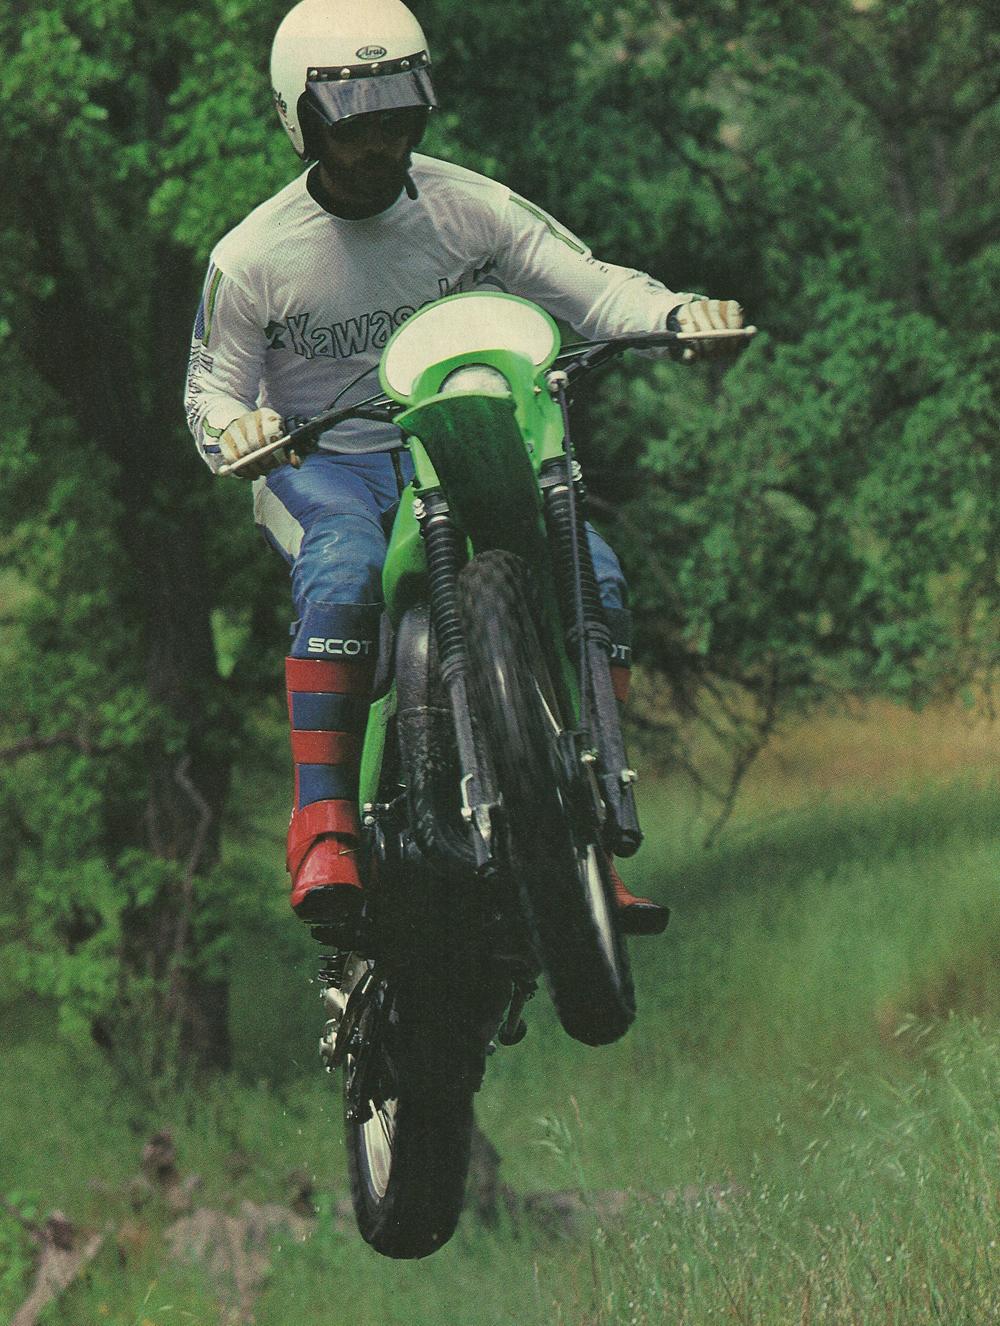 1979 Kawasaki KDX400 off road test 1.jpg